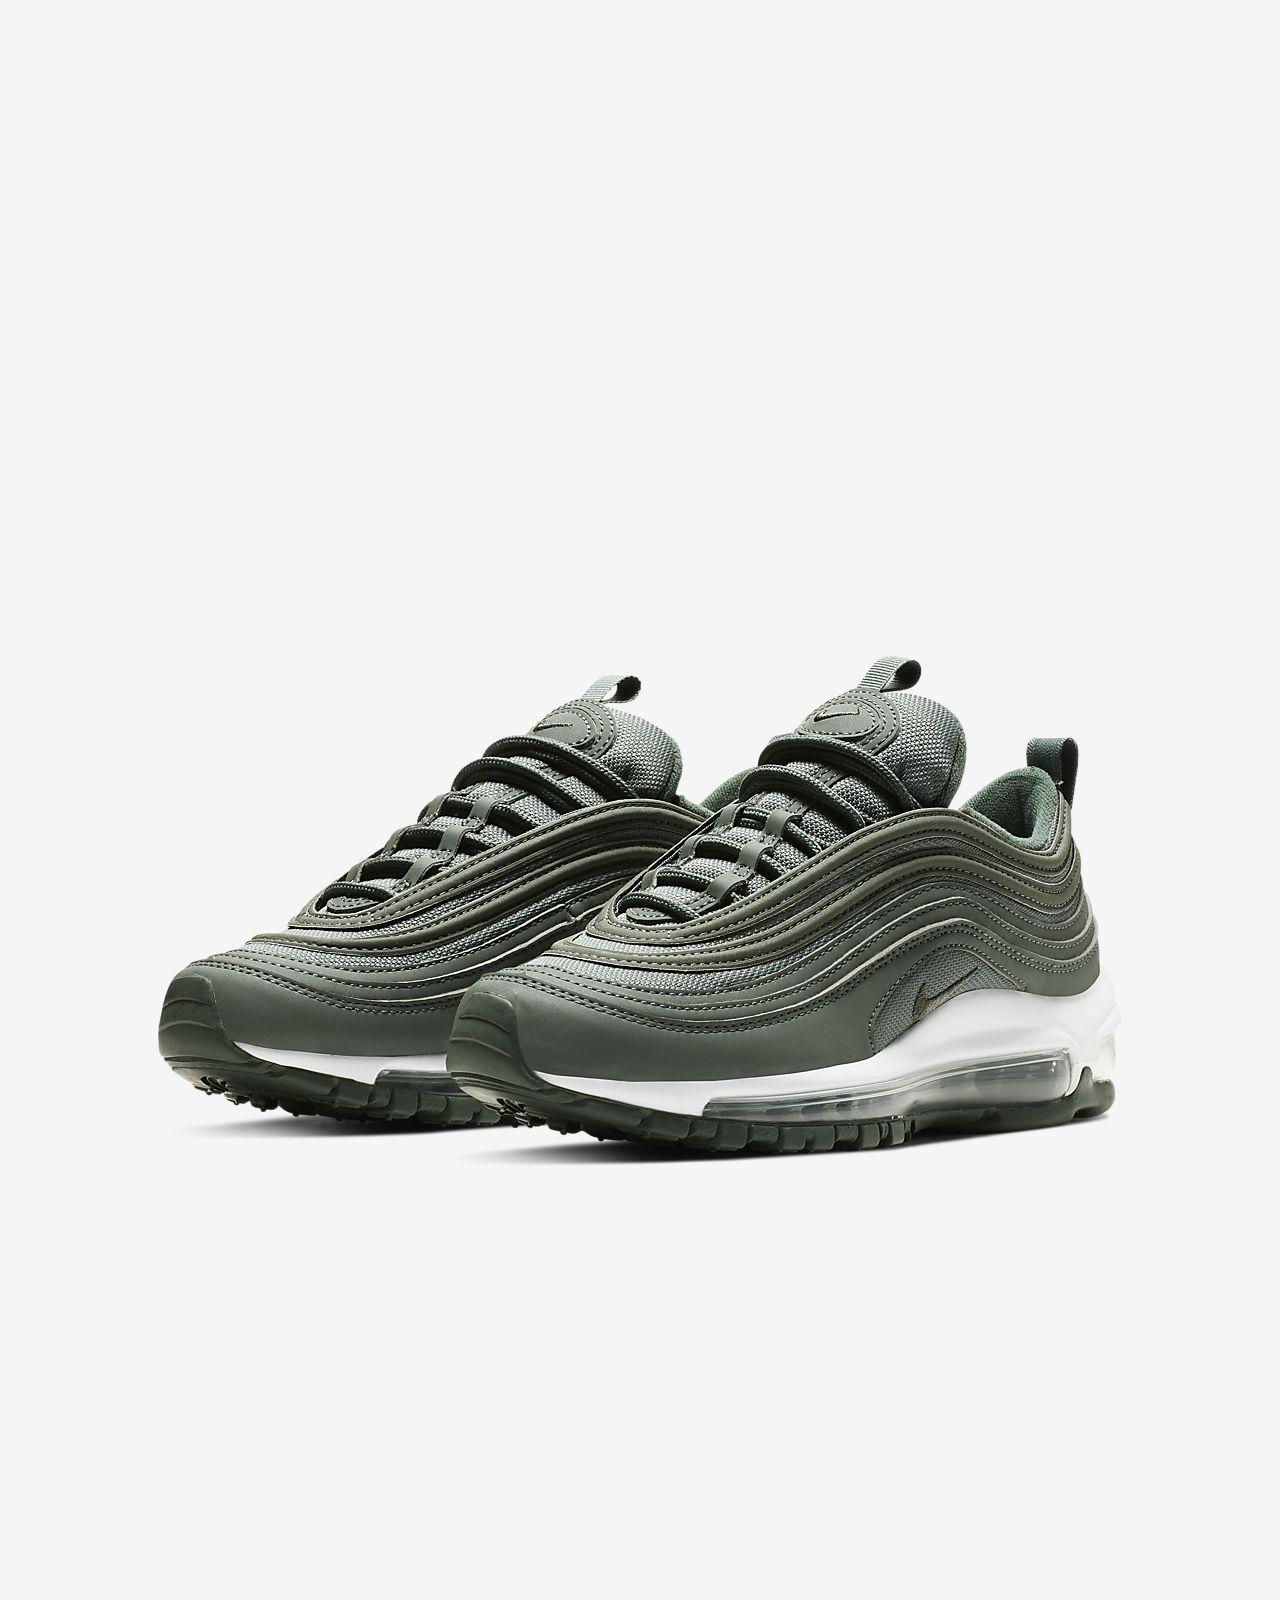 super popular b7b54 593c8 ... Chaussure Nike Air Max 97 PE pour Enfant plus âgé